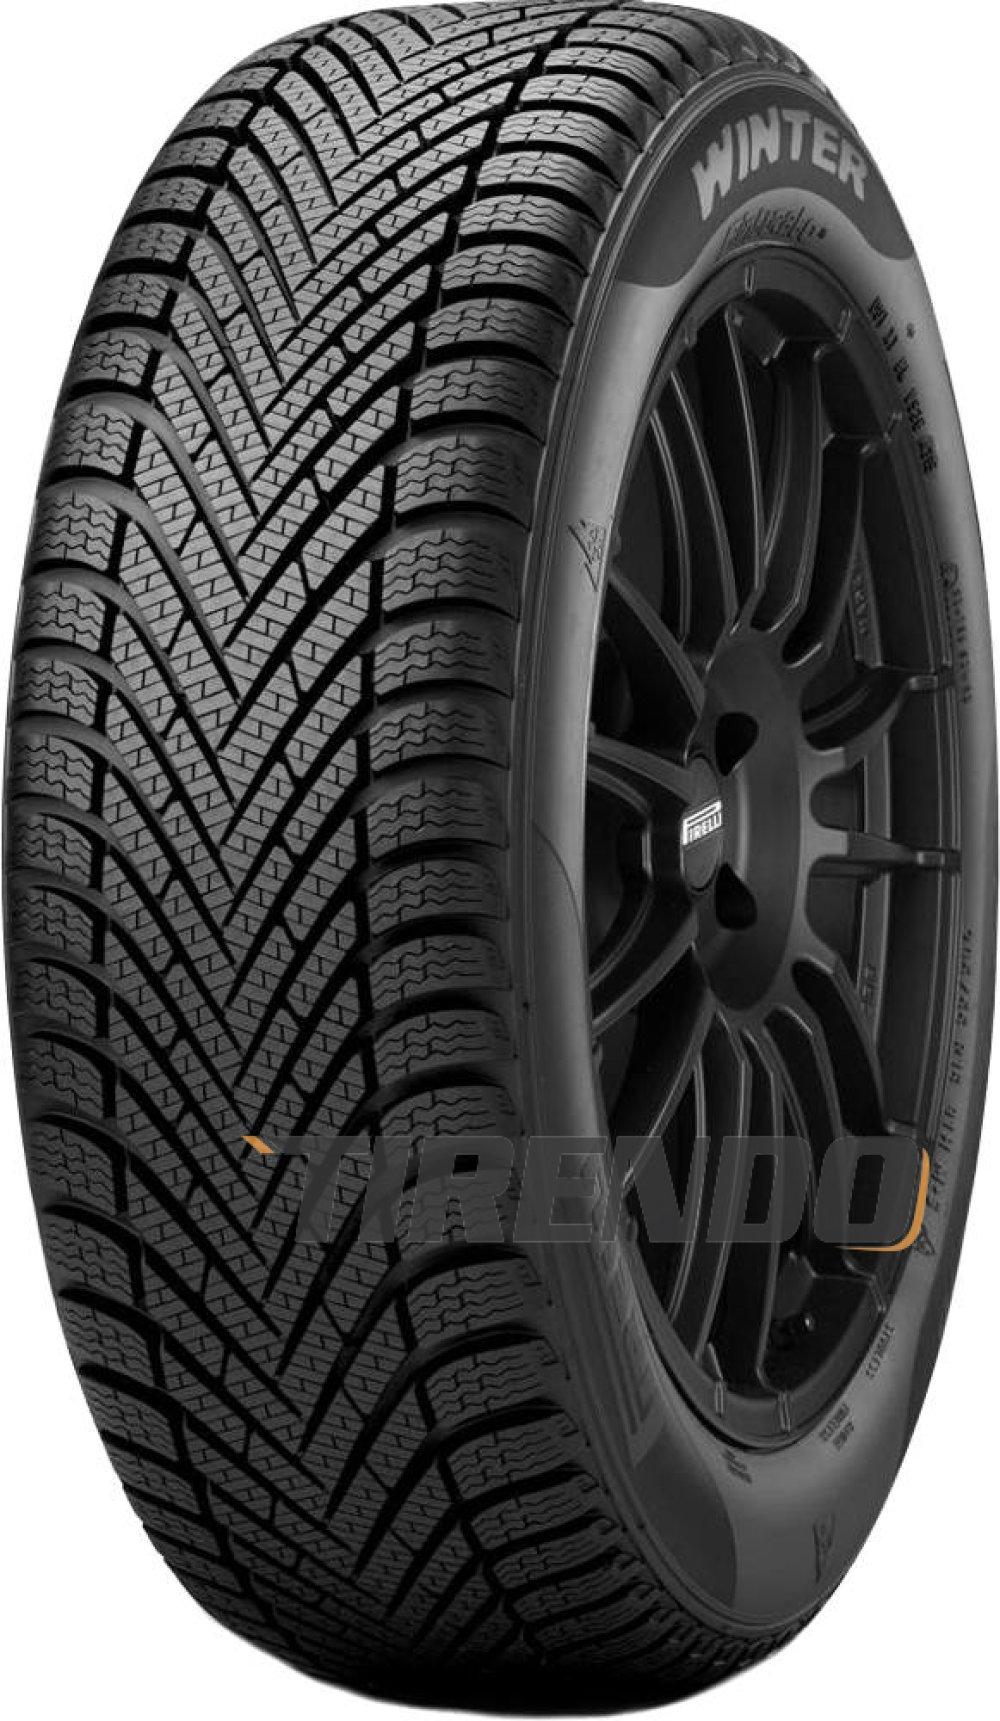 Pirelli Cinturato Winter ( 215/50 R17 95H XL )